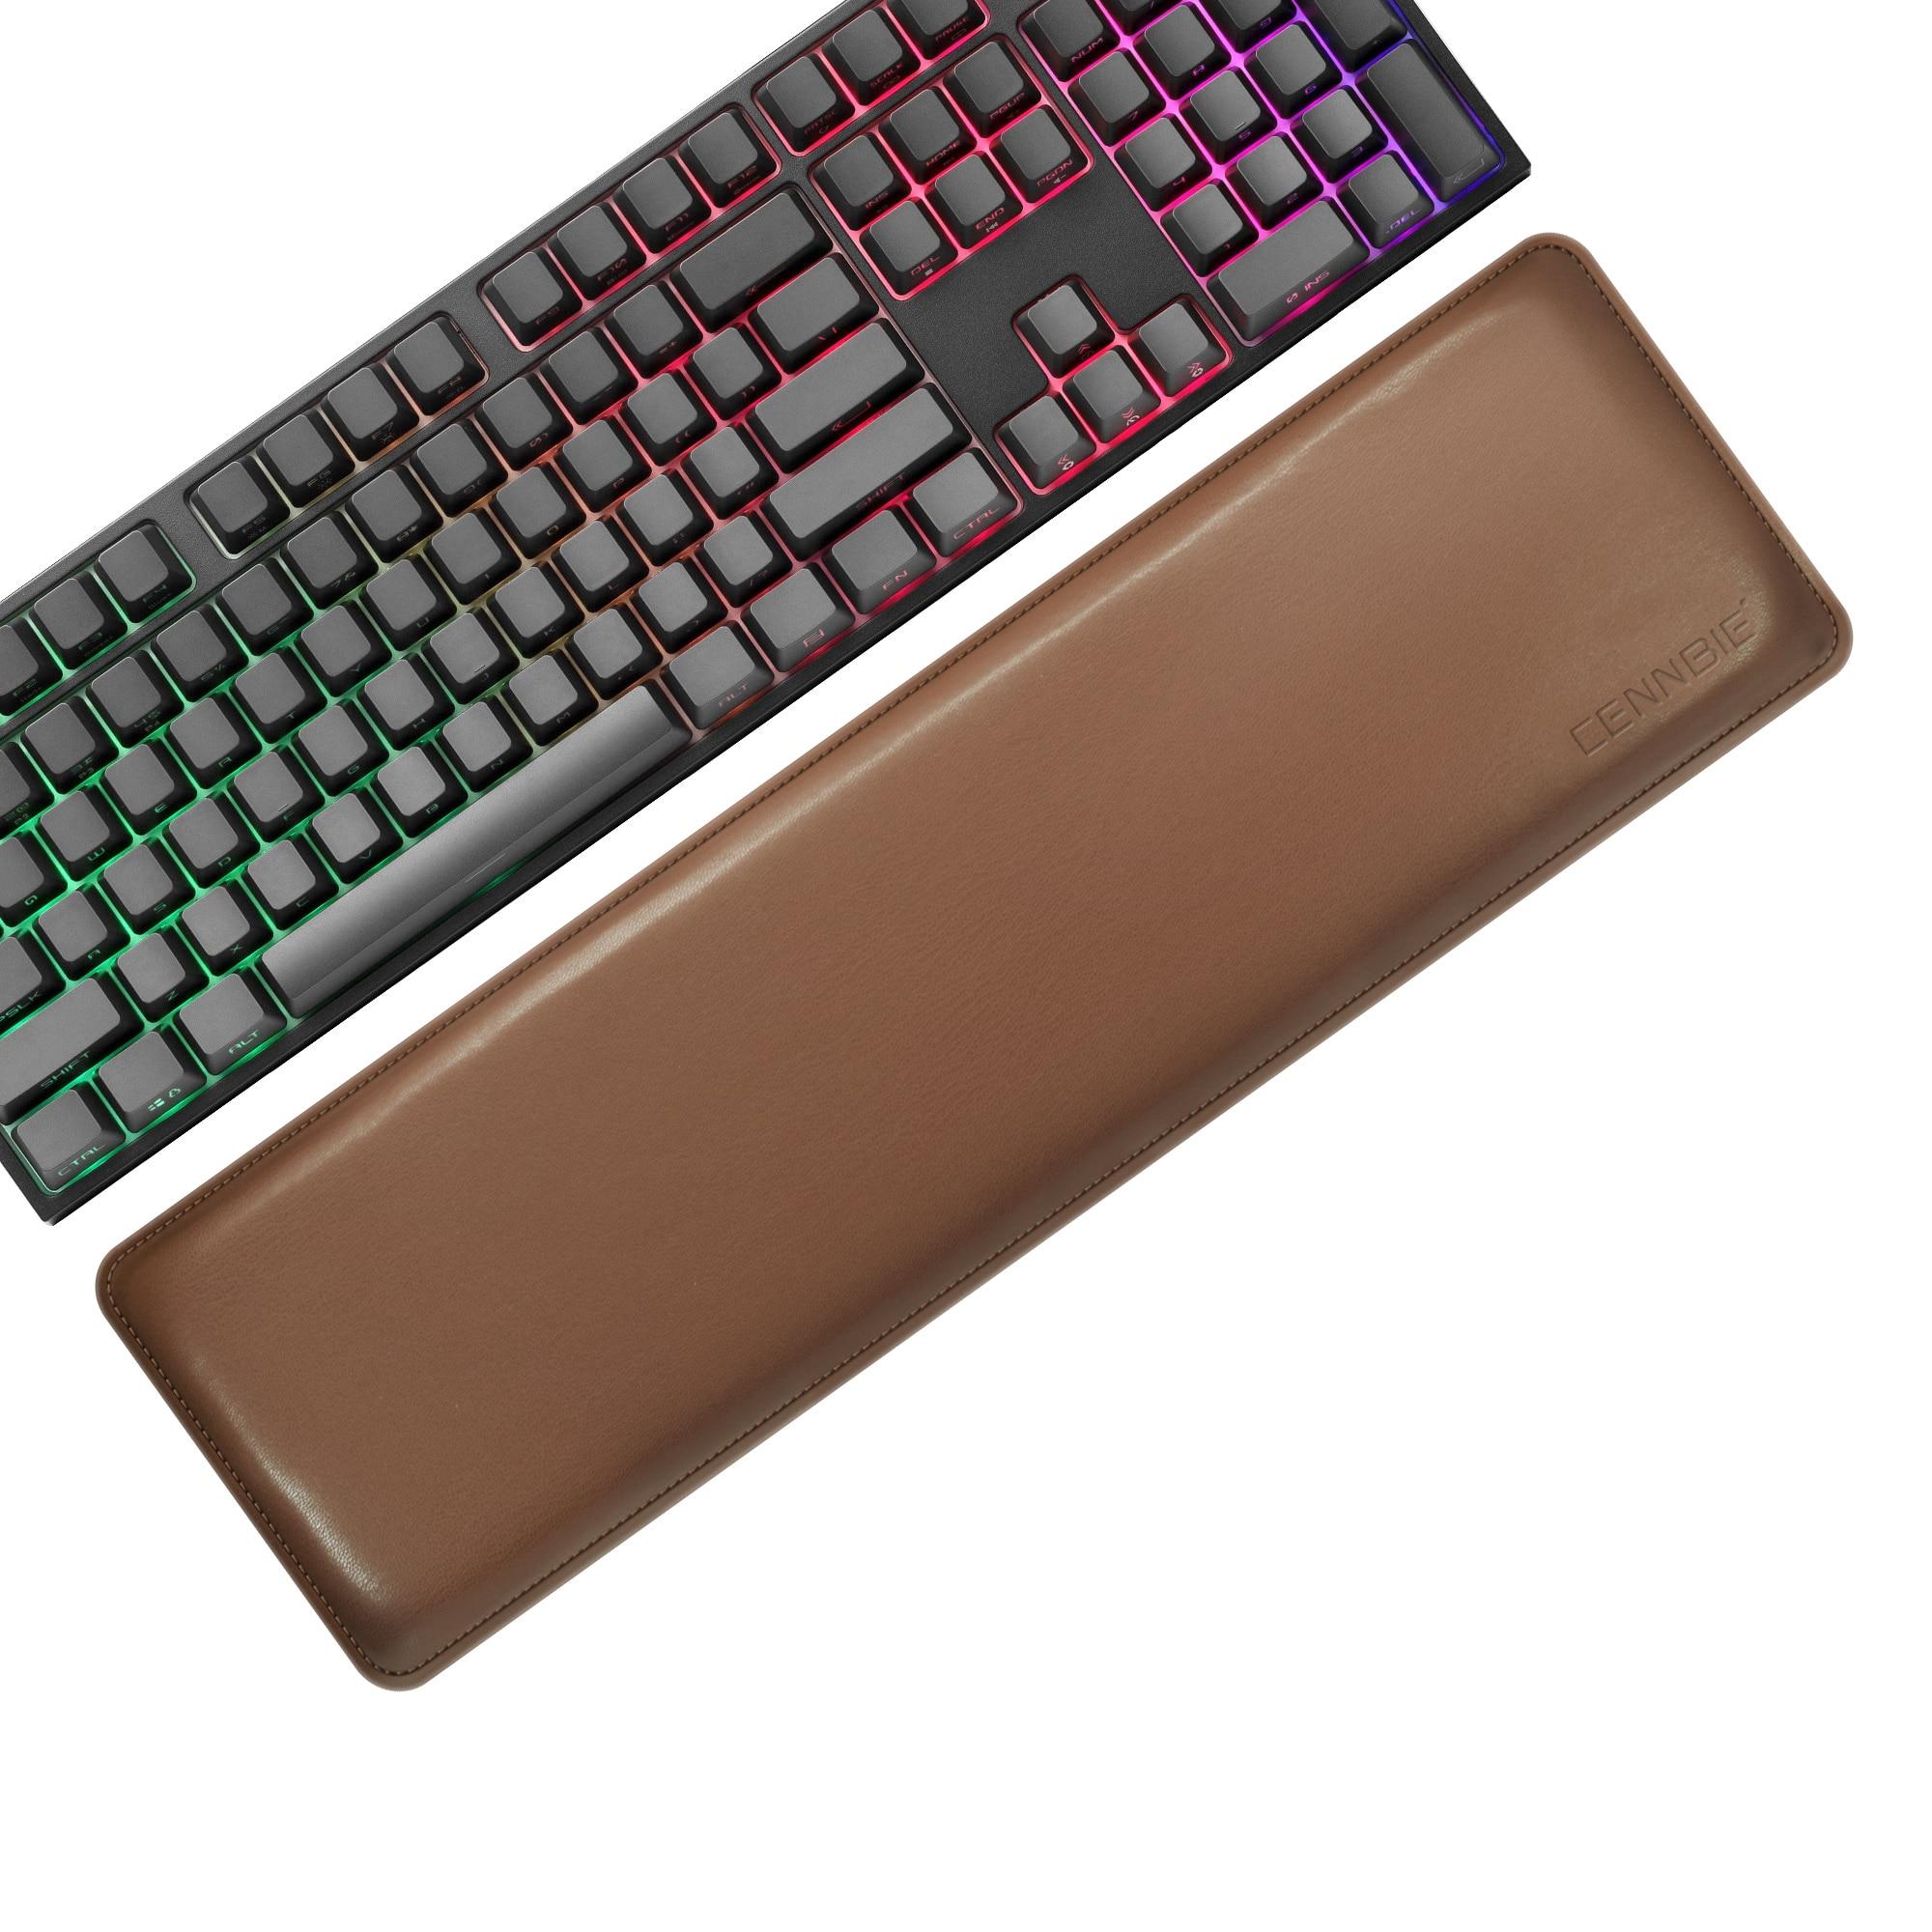 اضافية كبيرة دائم بولي Leather الجلود لوحة المفاتيح المعصم الراحة وسادة ، وسادة لوحة المفاتيح ، دعم المعصم لأجهزة الكمبيوتر المحمول والكمبيوتر